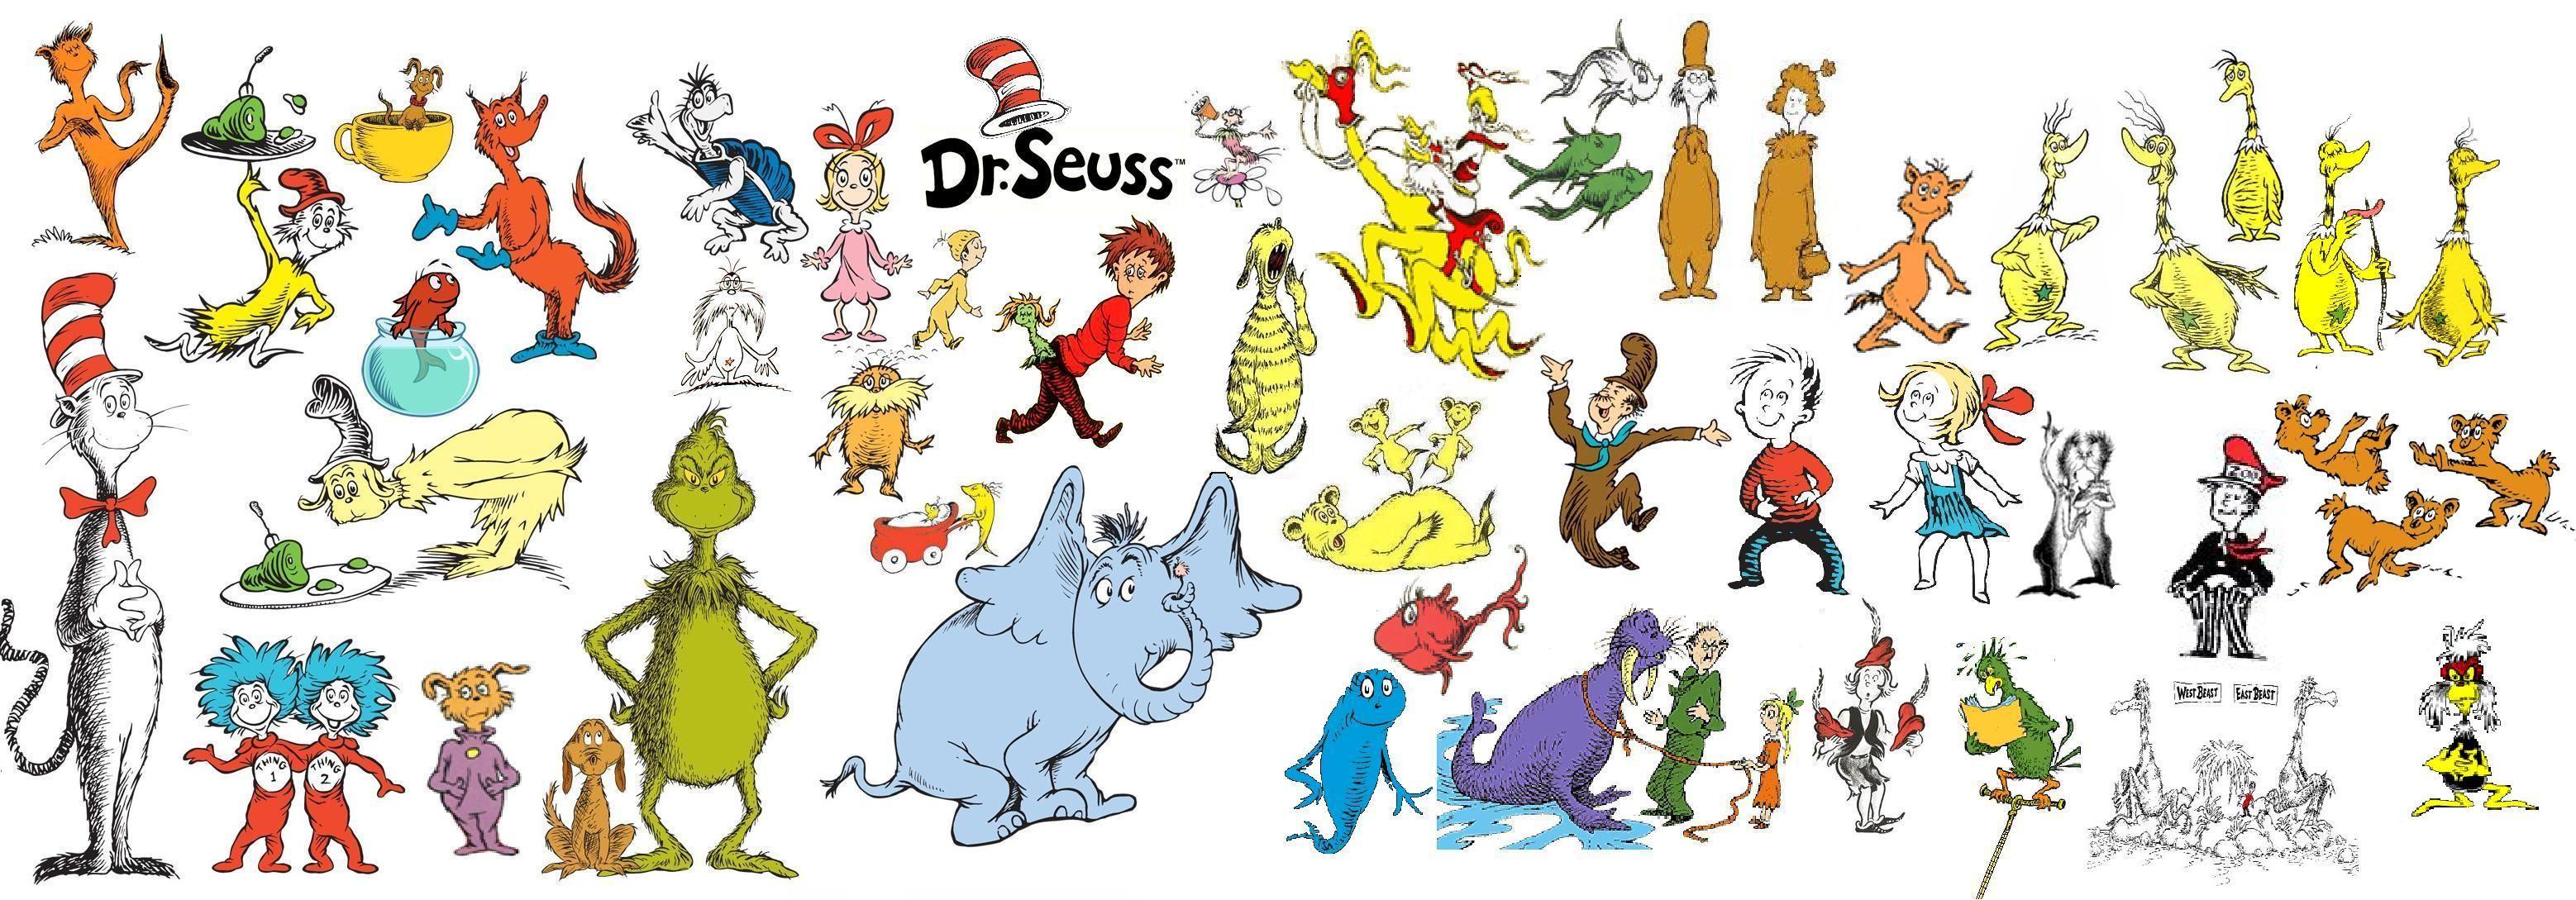 - Dr Seuss Clip Art Oh The Places You'll Go - Google Search Seuss